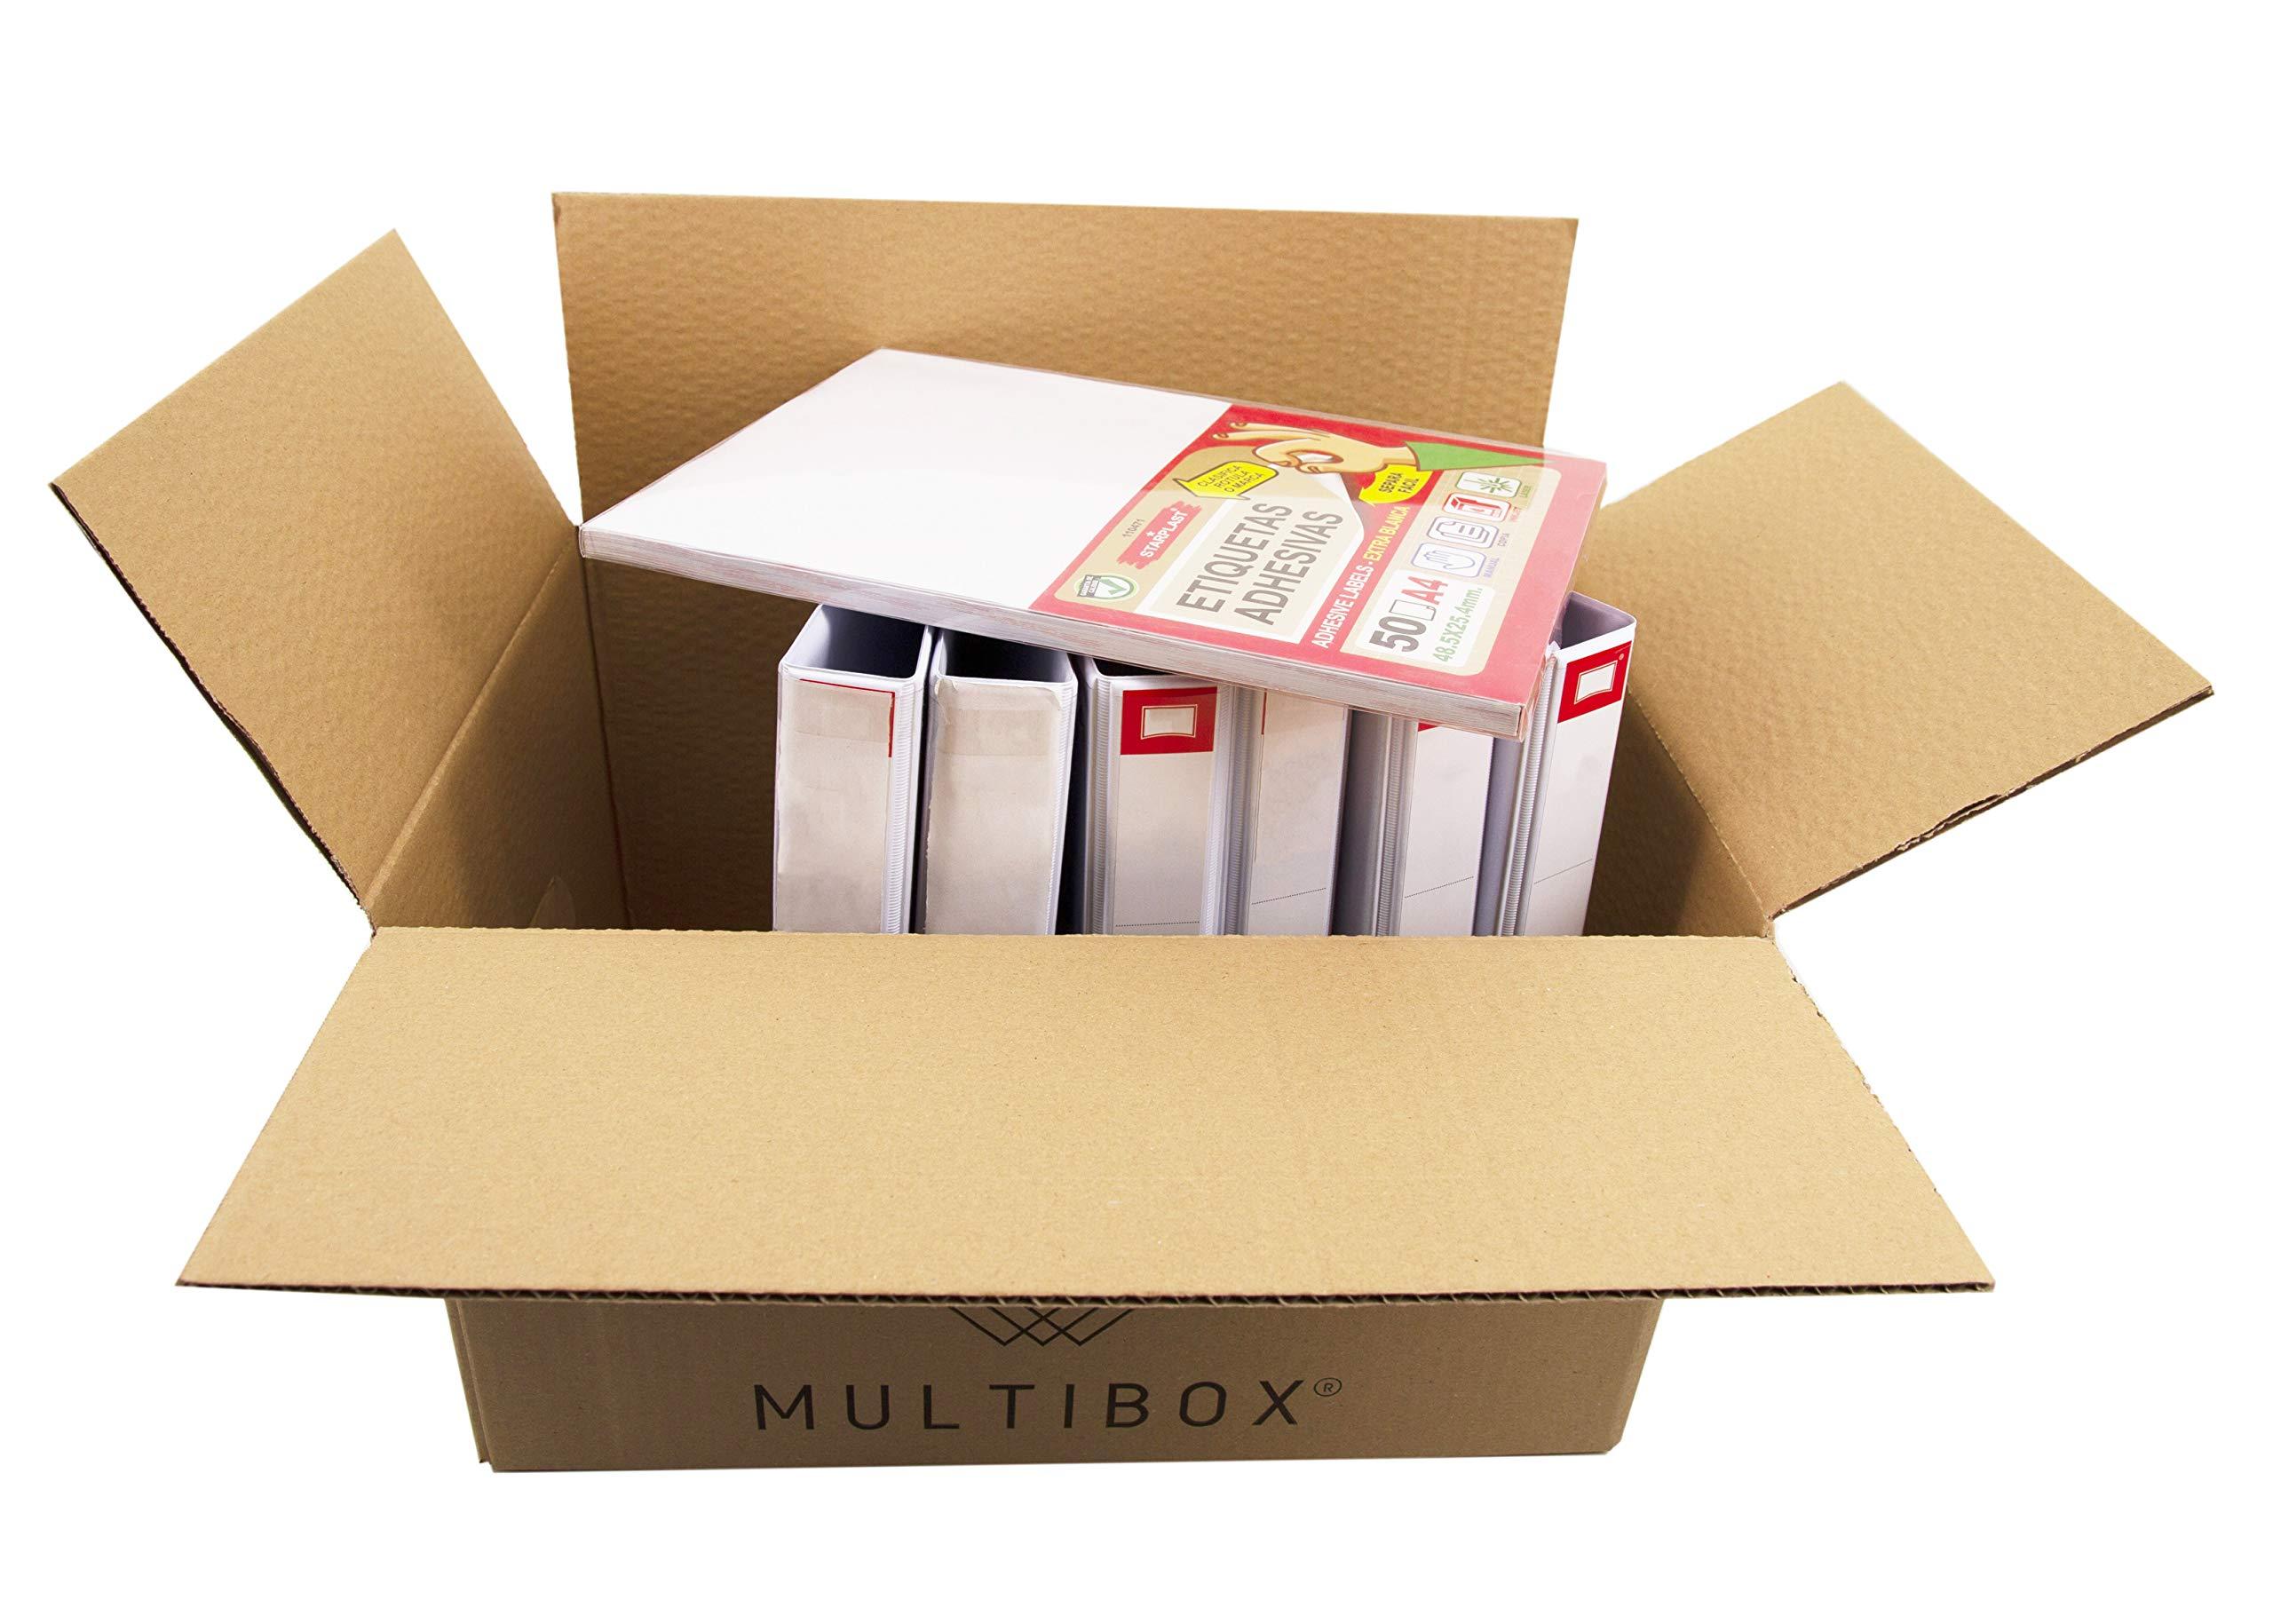 Pack 20 Cajas Cartón Mudanza y Almacenaje Con Asas Reforzado (51617) Resistente 430x300x250mm Fabricado En España diseño ergonómico Multiusos logística Mercancías Documentos Organizador Trastero: Amazon.es: Oficina y papelería